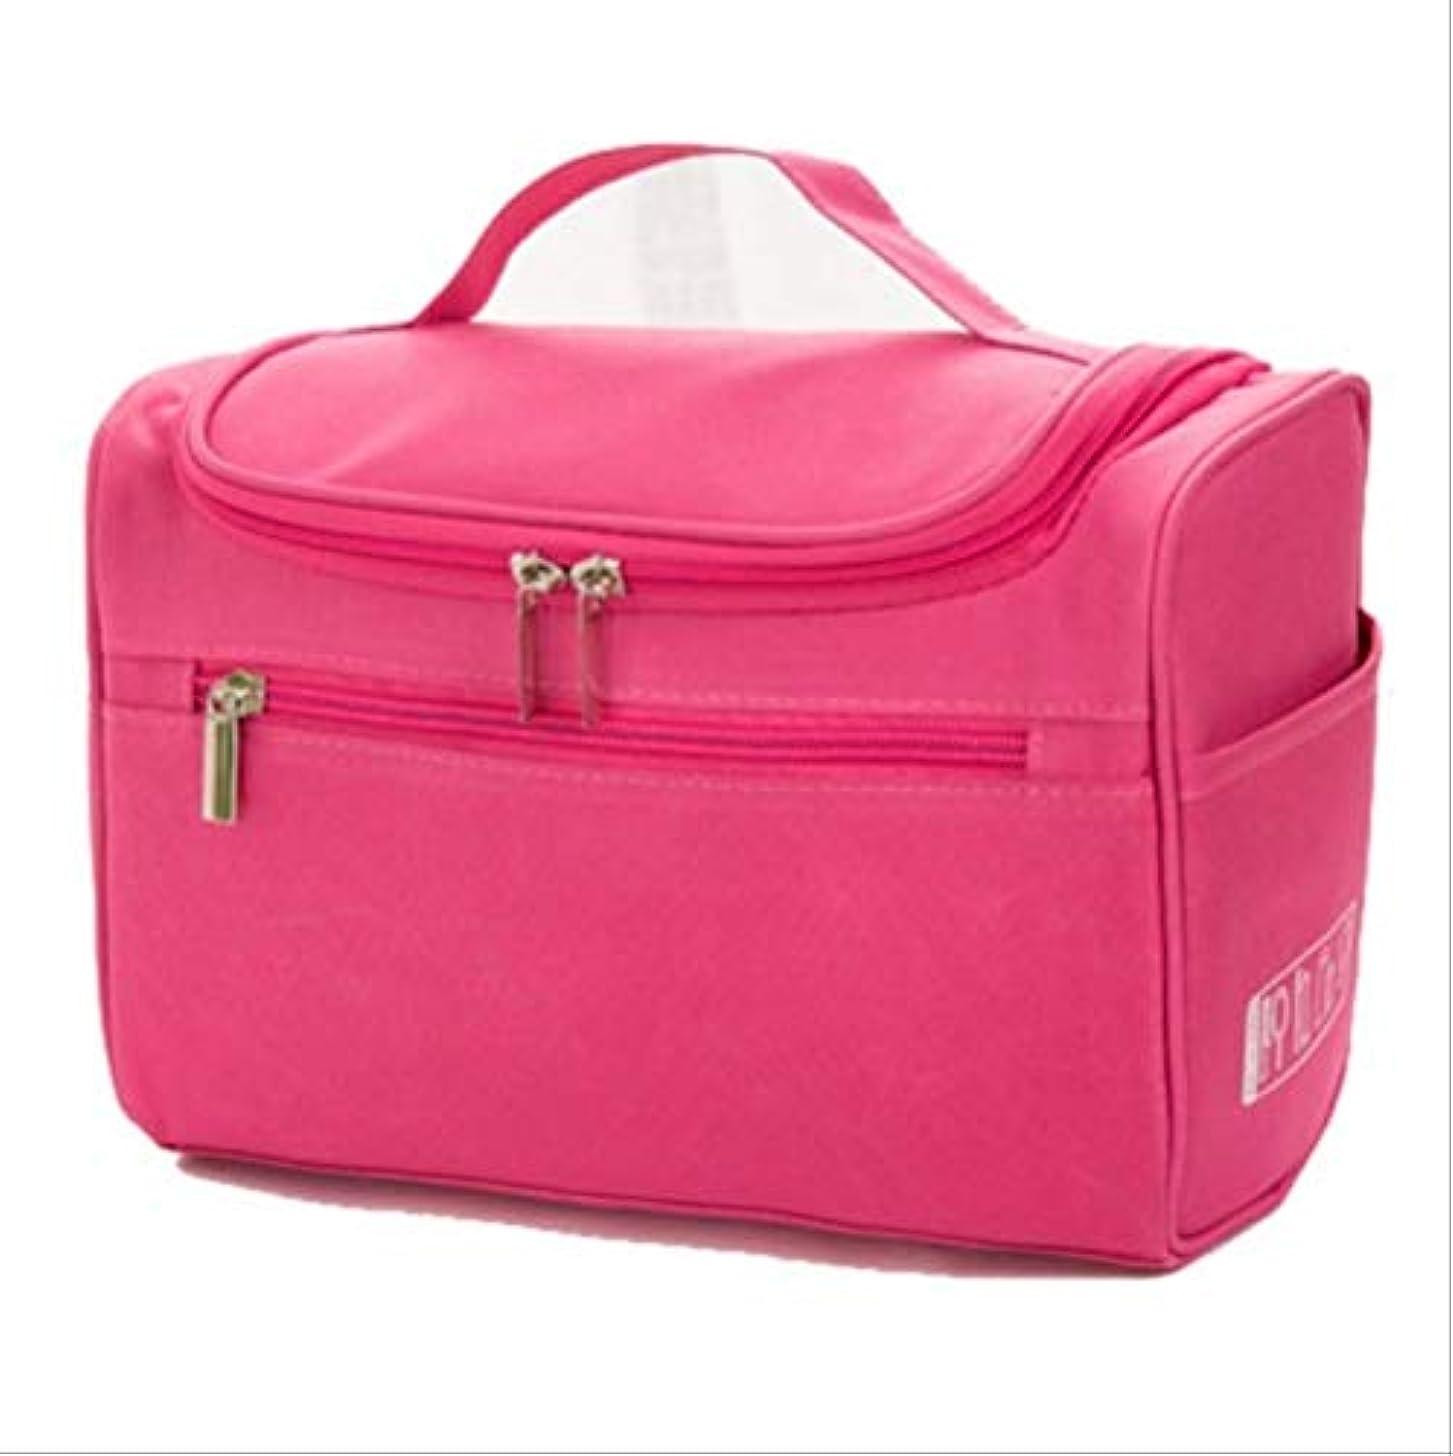 骨折火ドキュメンタリー女性用大型防水化粧品バッグ旅行用化粧品バッグの構成には化粧品が必要ですローズレッド